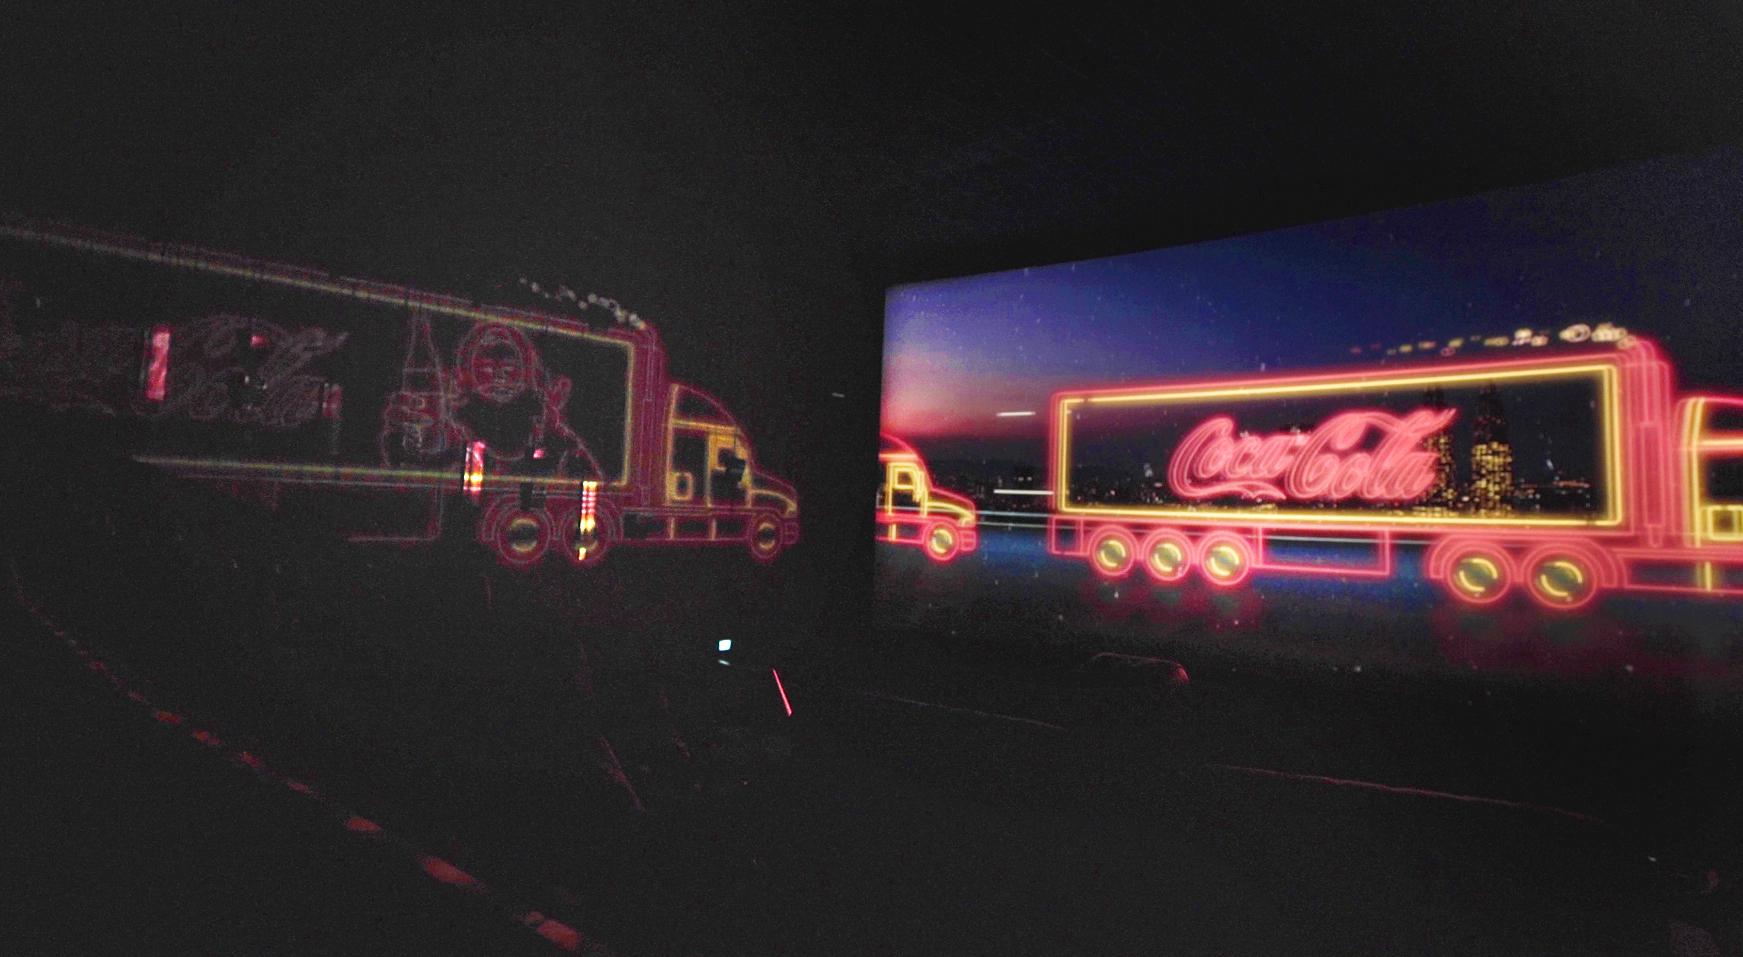 Foto da sala de cinema com projeção personalizada do especial de natal da Coca-Cola